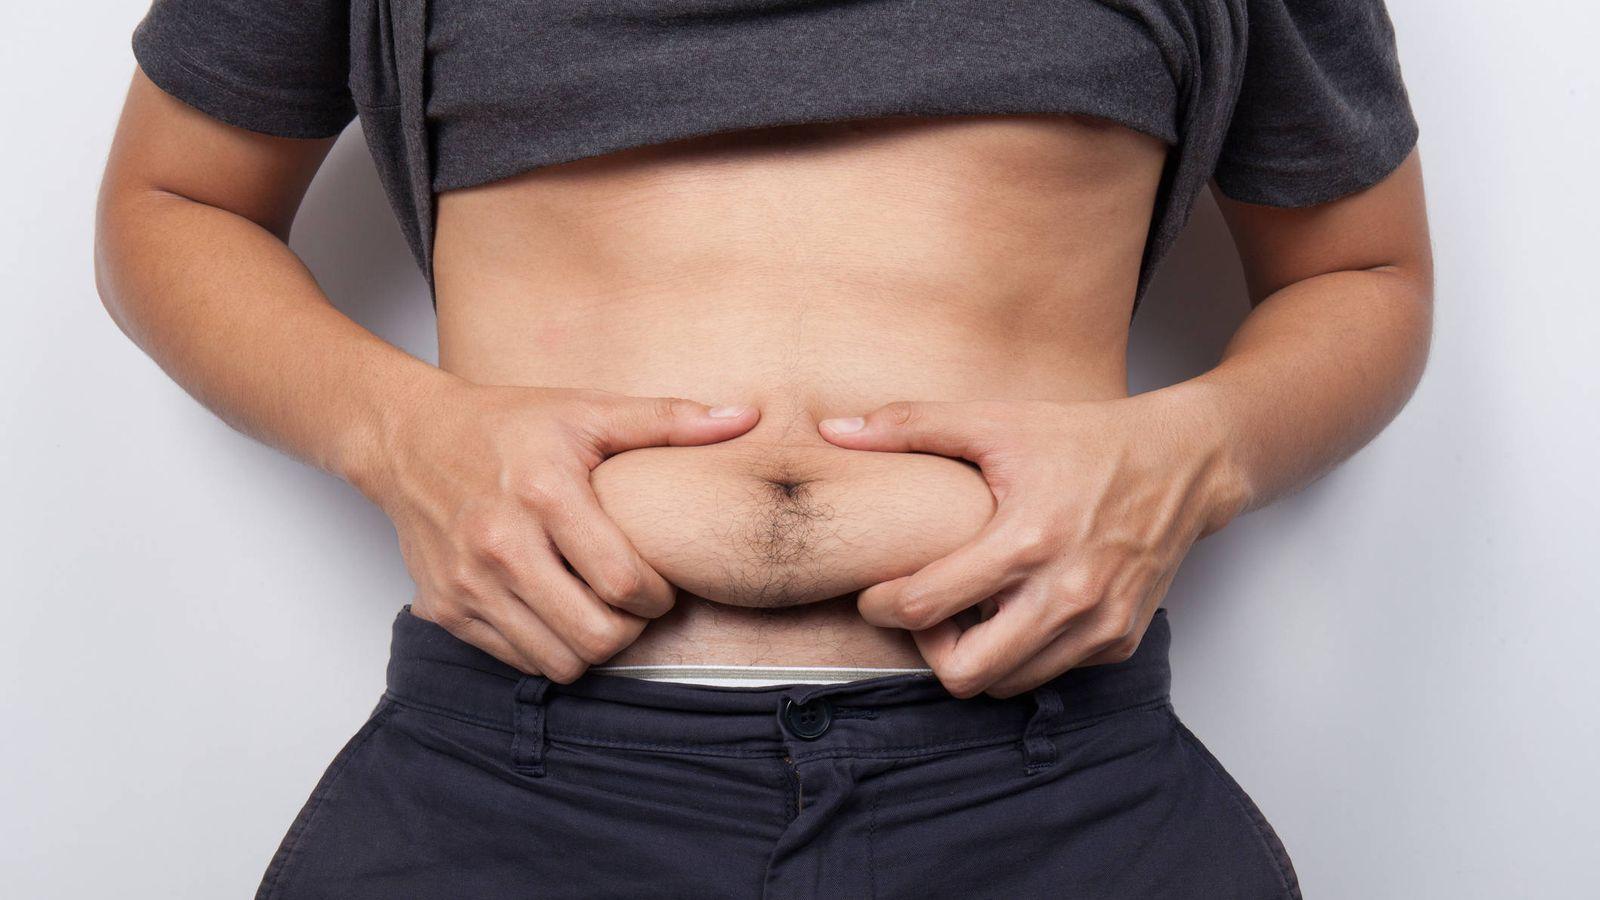 mucha perdida de peso de golpes